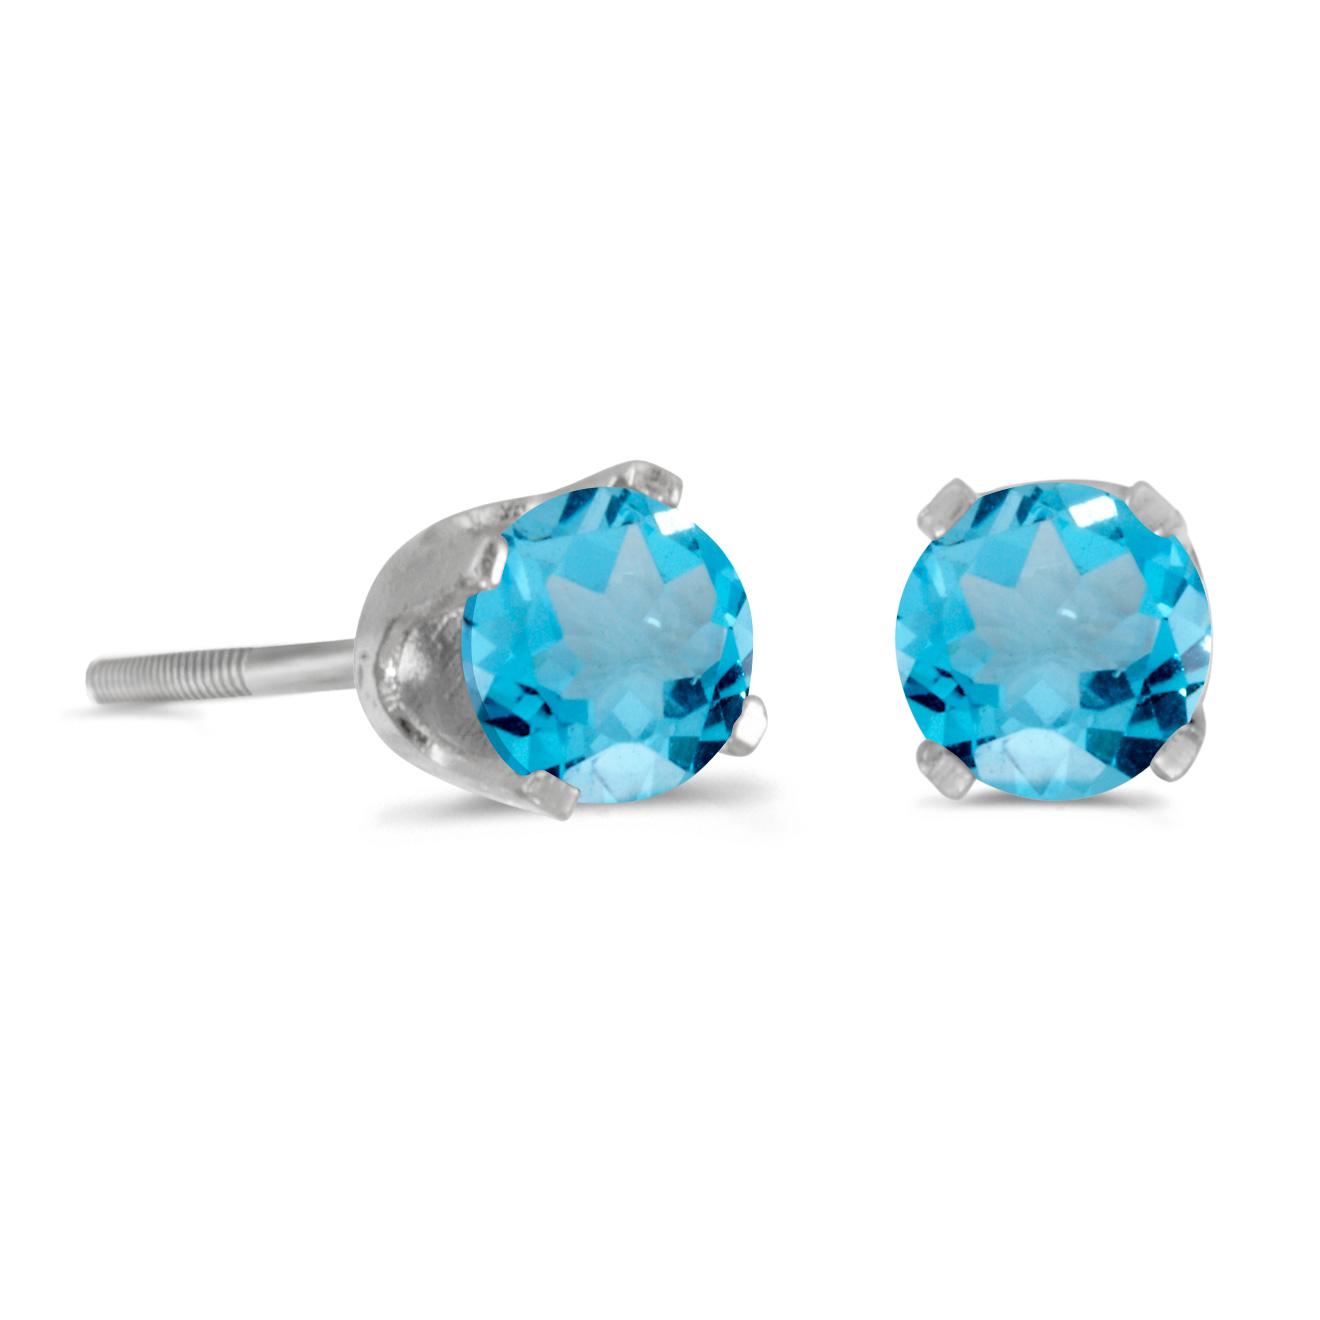 14k White Gold Round Blue Topaz Screw-back Stud Earrings